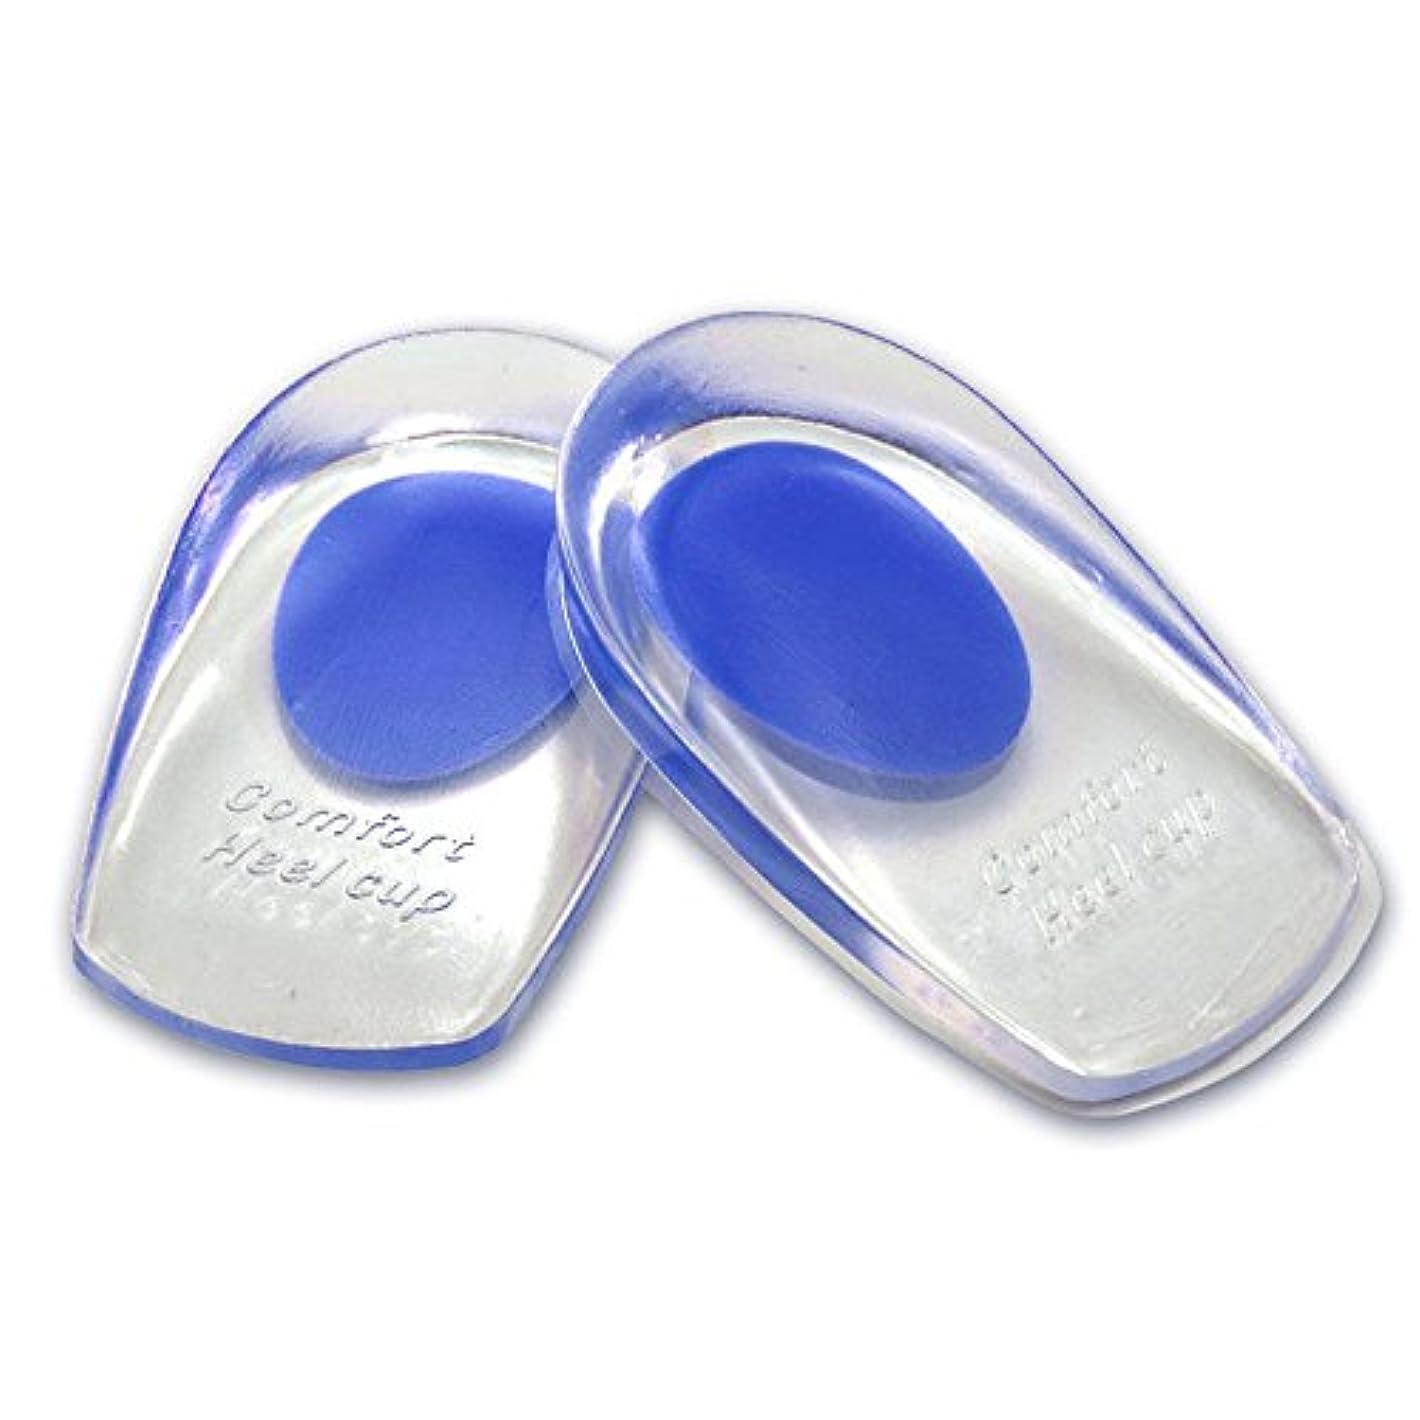 する必要がある暴露する長方形シリコンヒールカップ かかとの痛み防止に ソフトシリコン製 インソールクッション 衝撃緩和 立体形状 フィット感抜群 FMTMXCA2S (ブルー(靴サイズ24.5~27.5cm用))